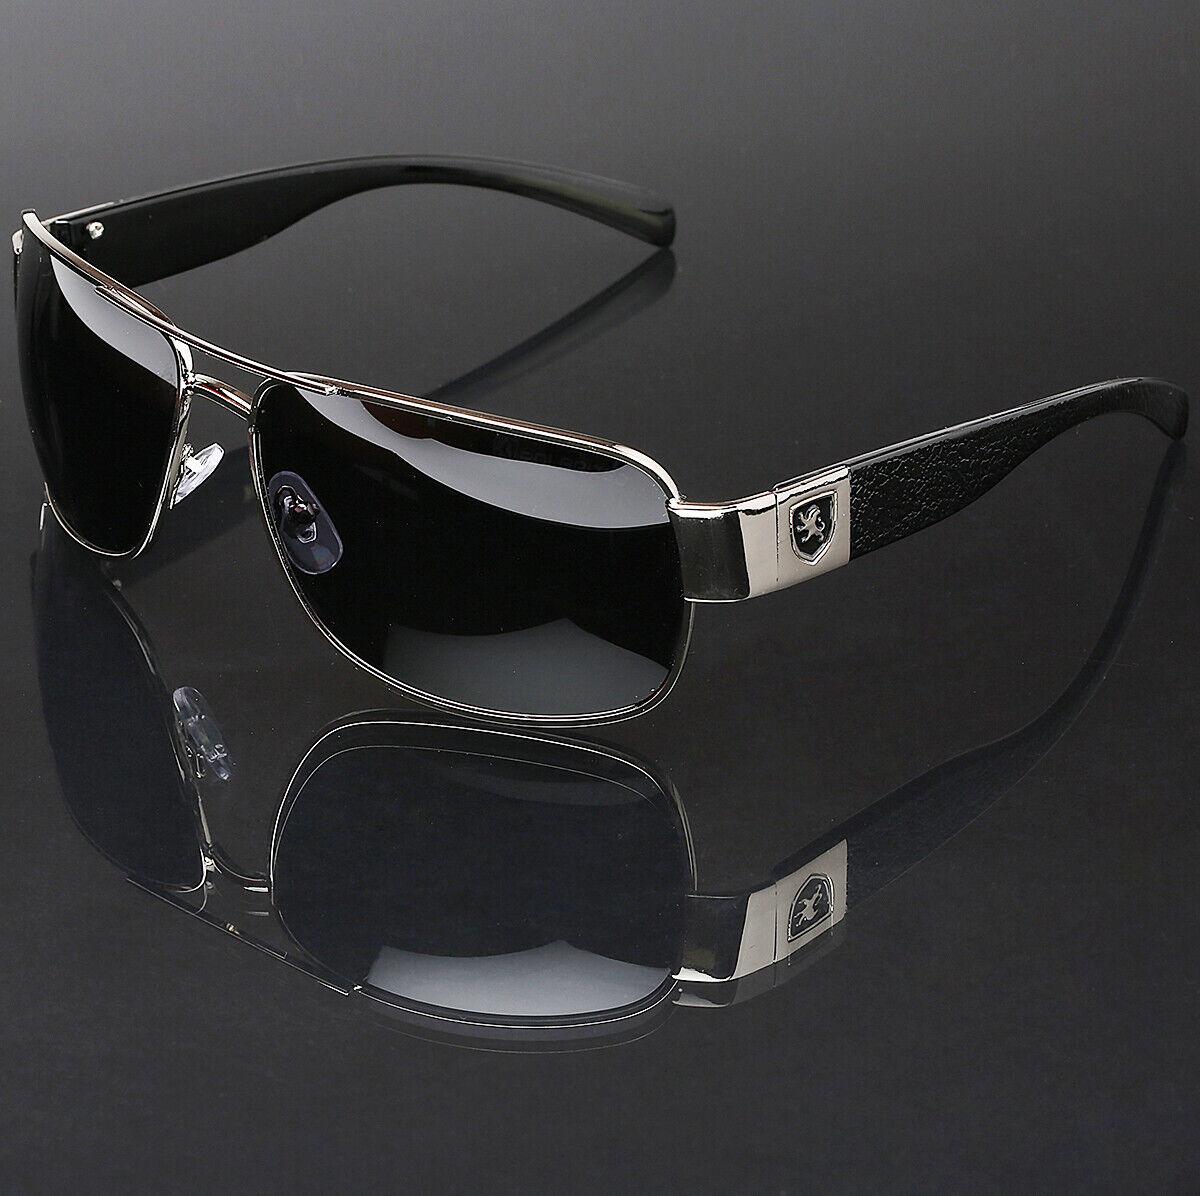 Polarized Sunglasses Retro Square Pilot Anti-Glare Driving Fishing Men Glasses